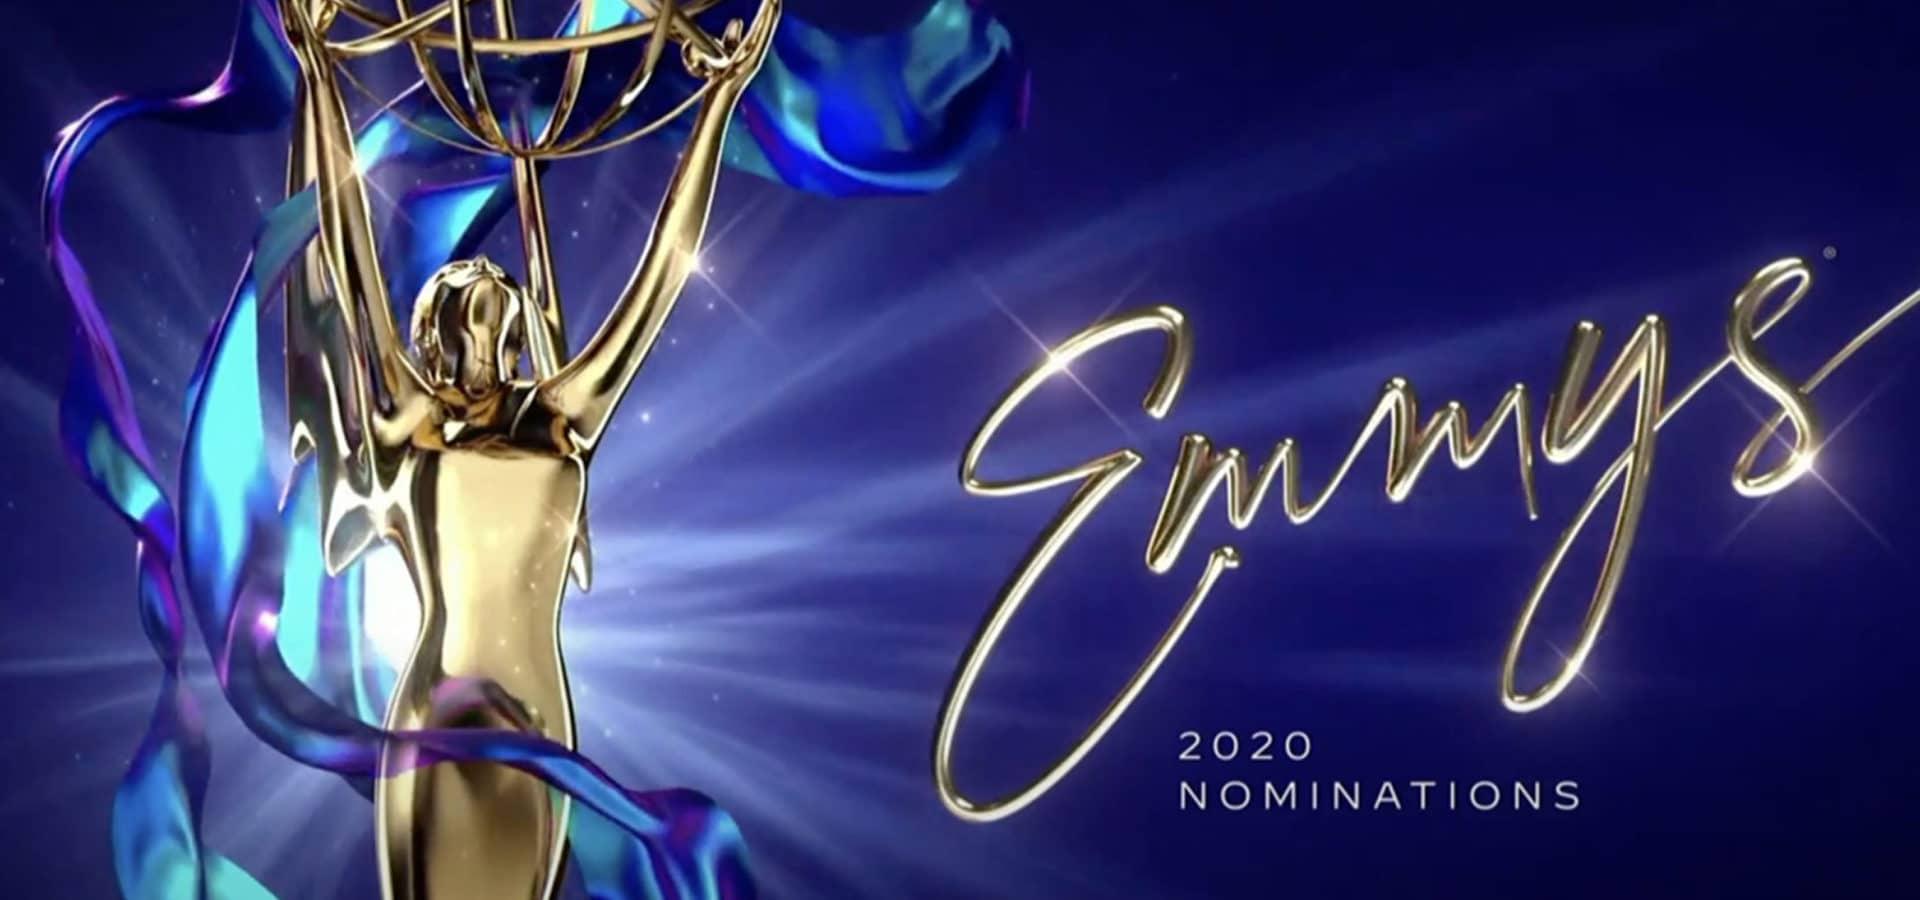 Emmy Nominations 2020 Key Art